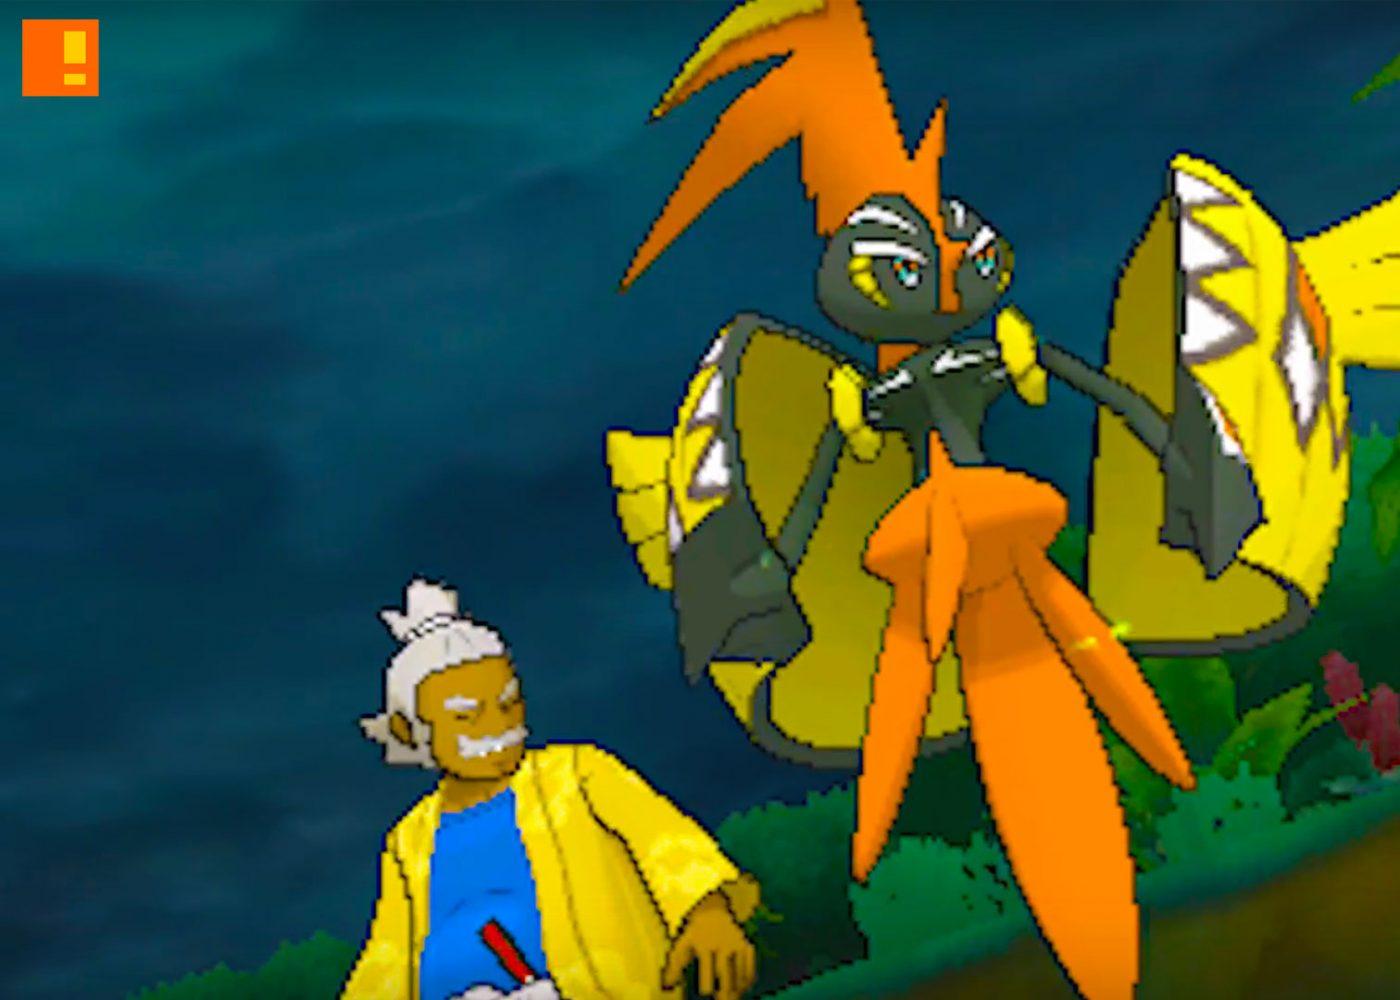 pokemon sun and moon, Pokémon Sun ,Pokémon Moon , starter pokémon, nintendo, nintendo 3ds, entertainment on tap, trailer, starter pack, trailer